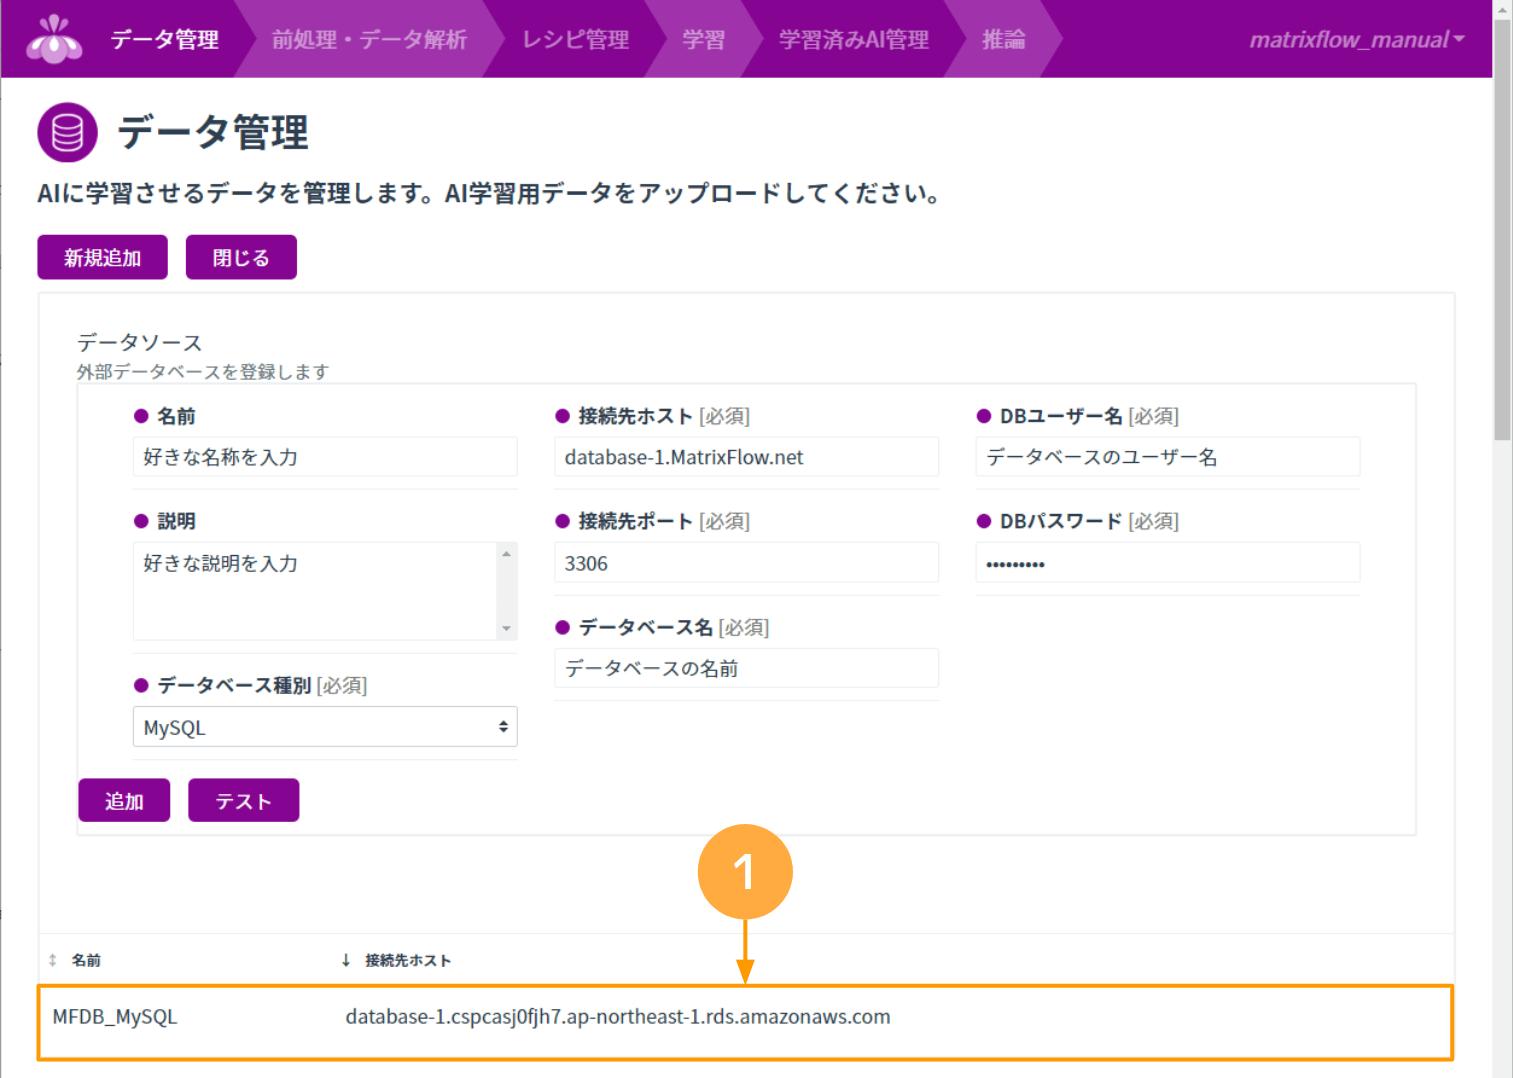 データベース詳細画面1